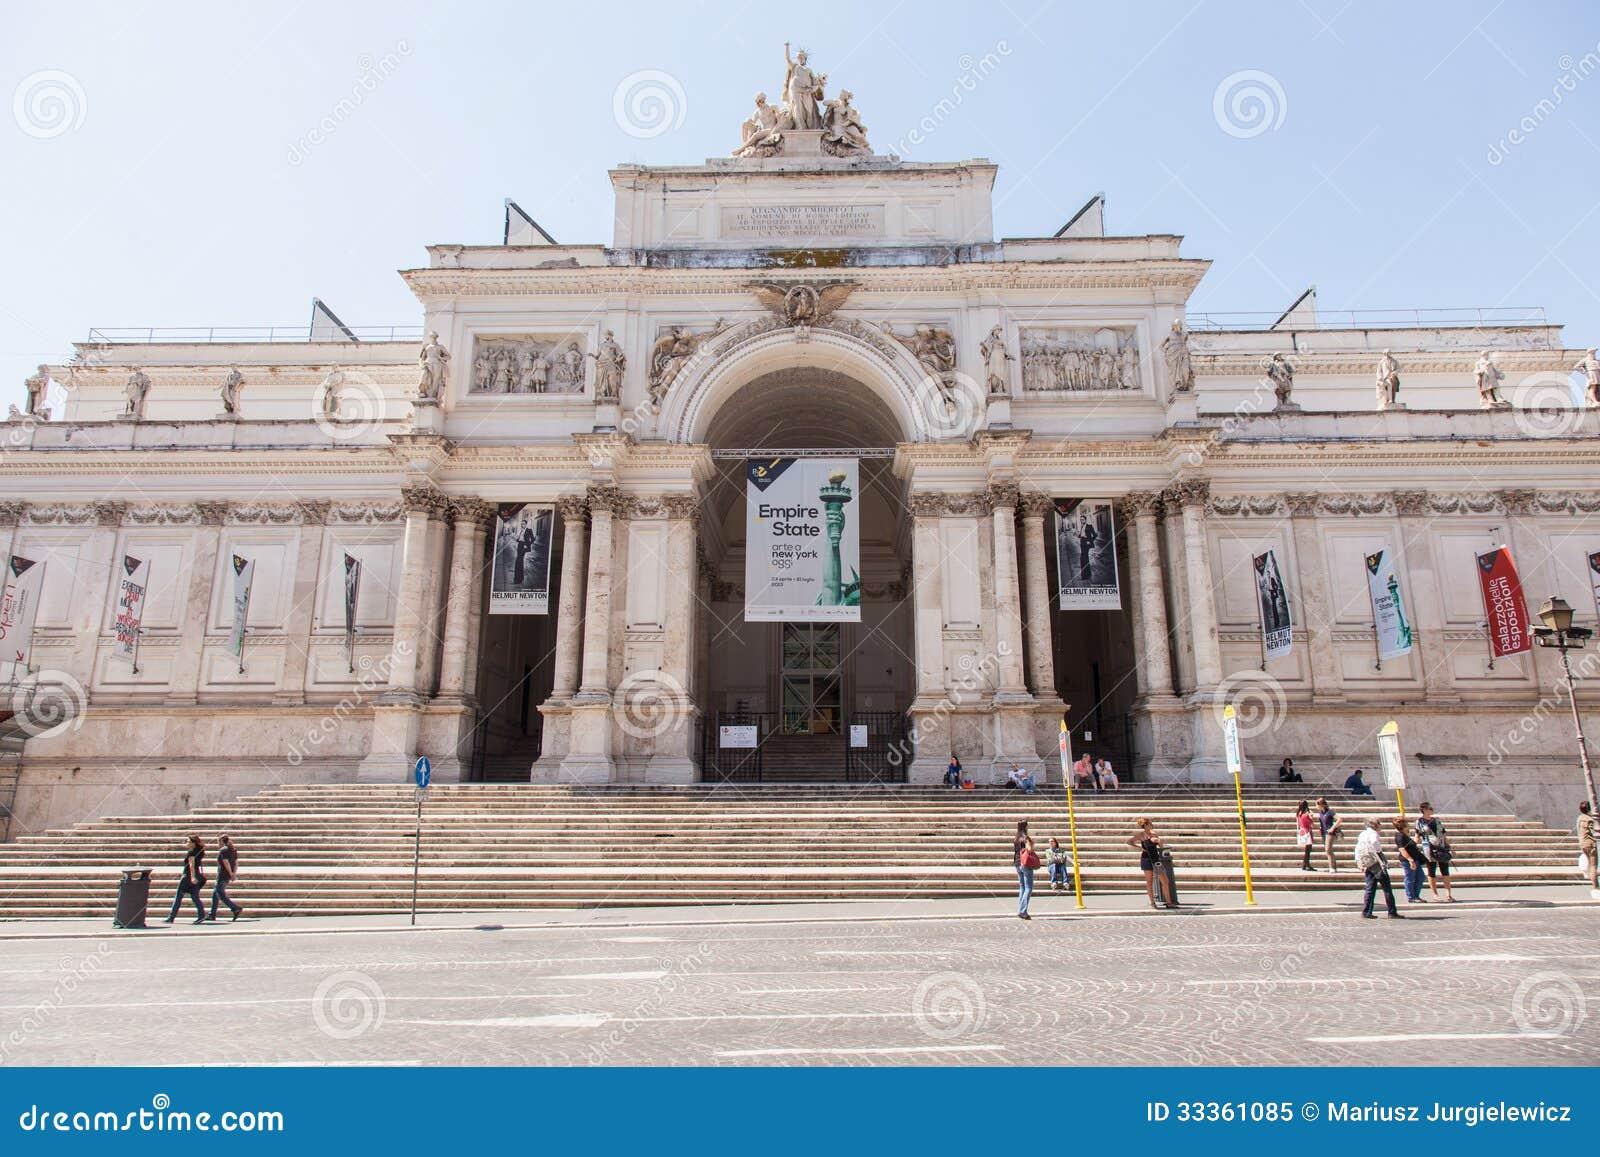 Palazzo delle esposizioni editorial image image 33361085 for Palazzo delle esposizioni rome italy